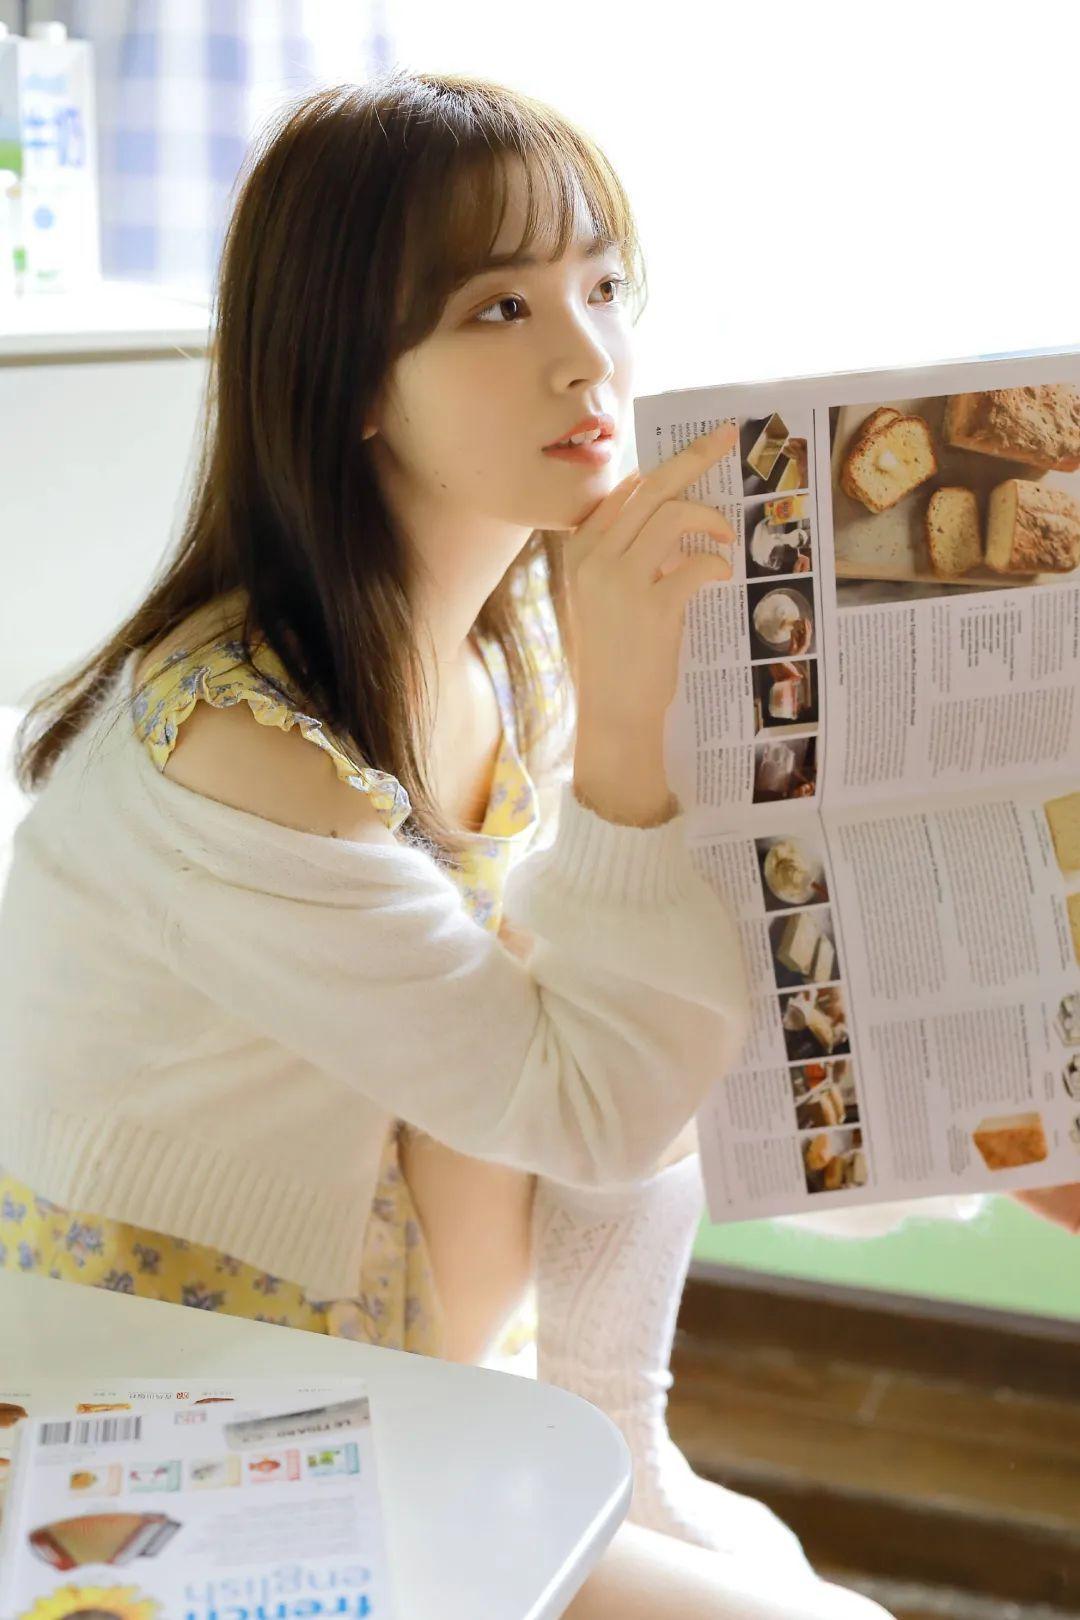 妹子摄影 – 青春少女白色小腿袜_图片 No.3